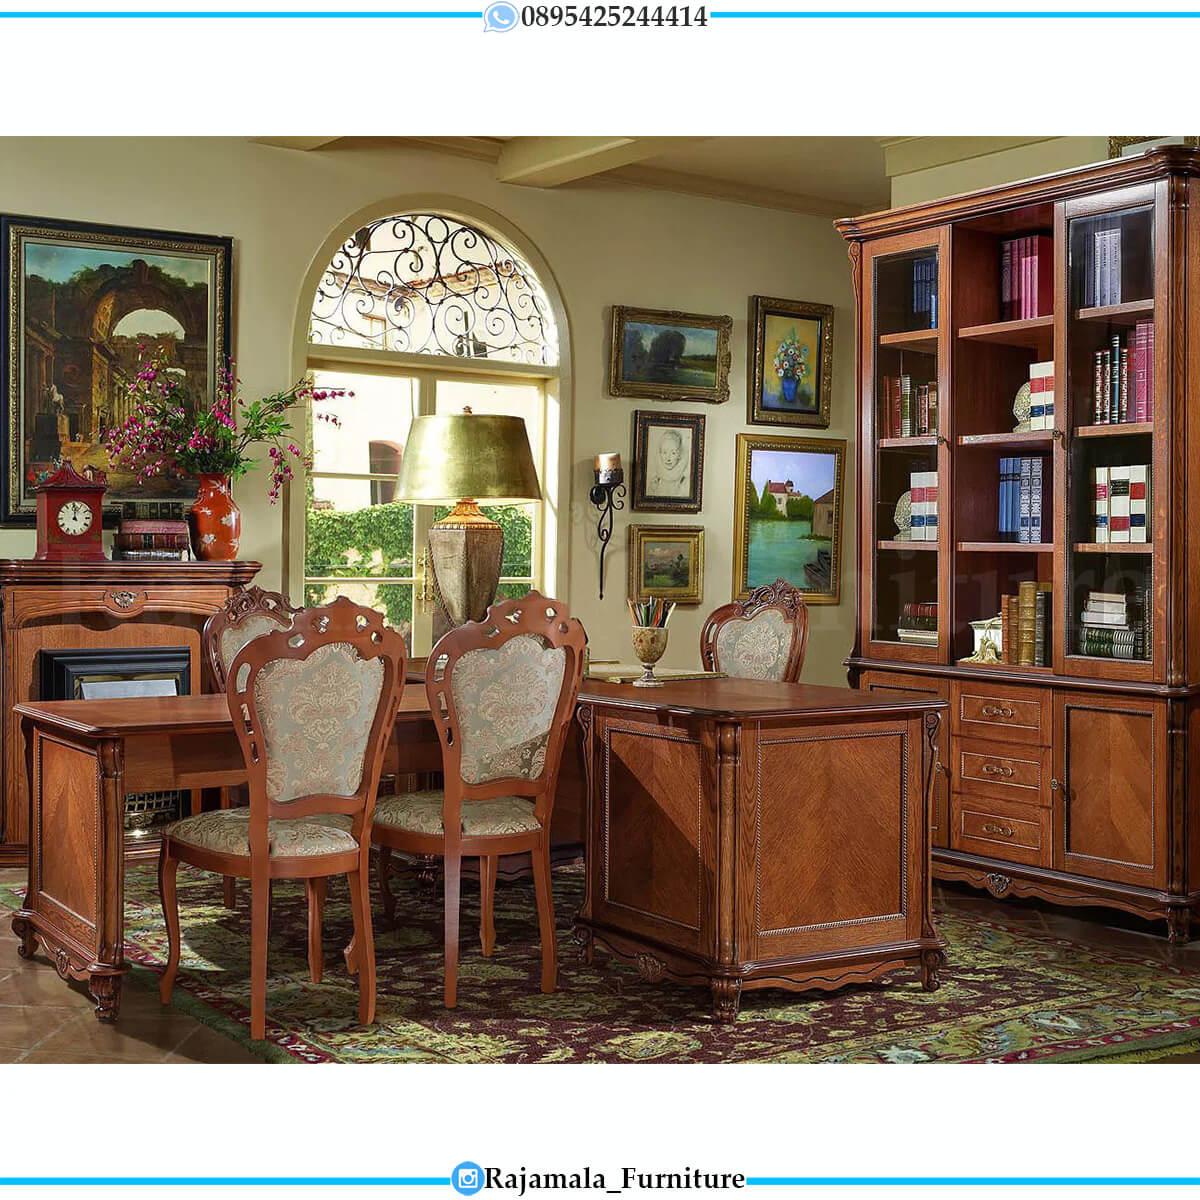 Meja Kantor Jati Perhutani Natural Salak Brown Luxury Classic RM-0580